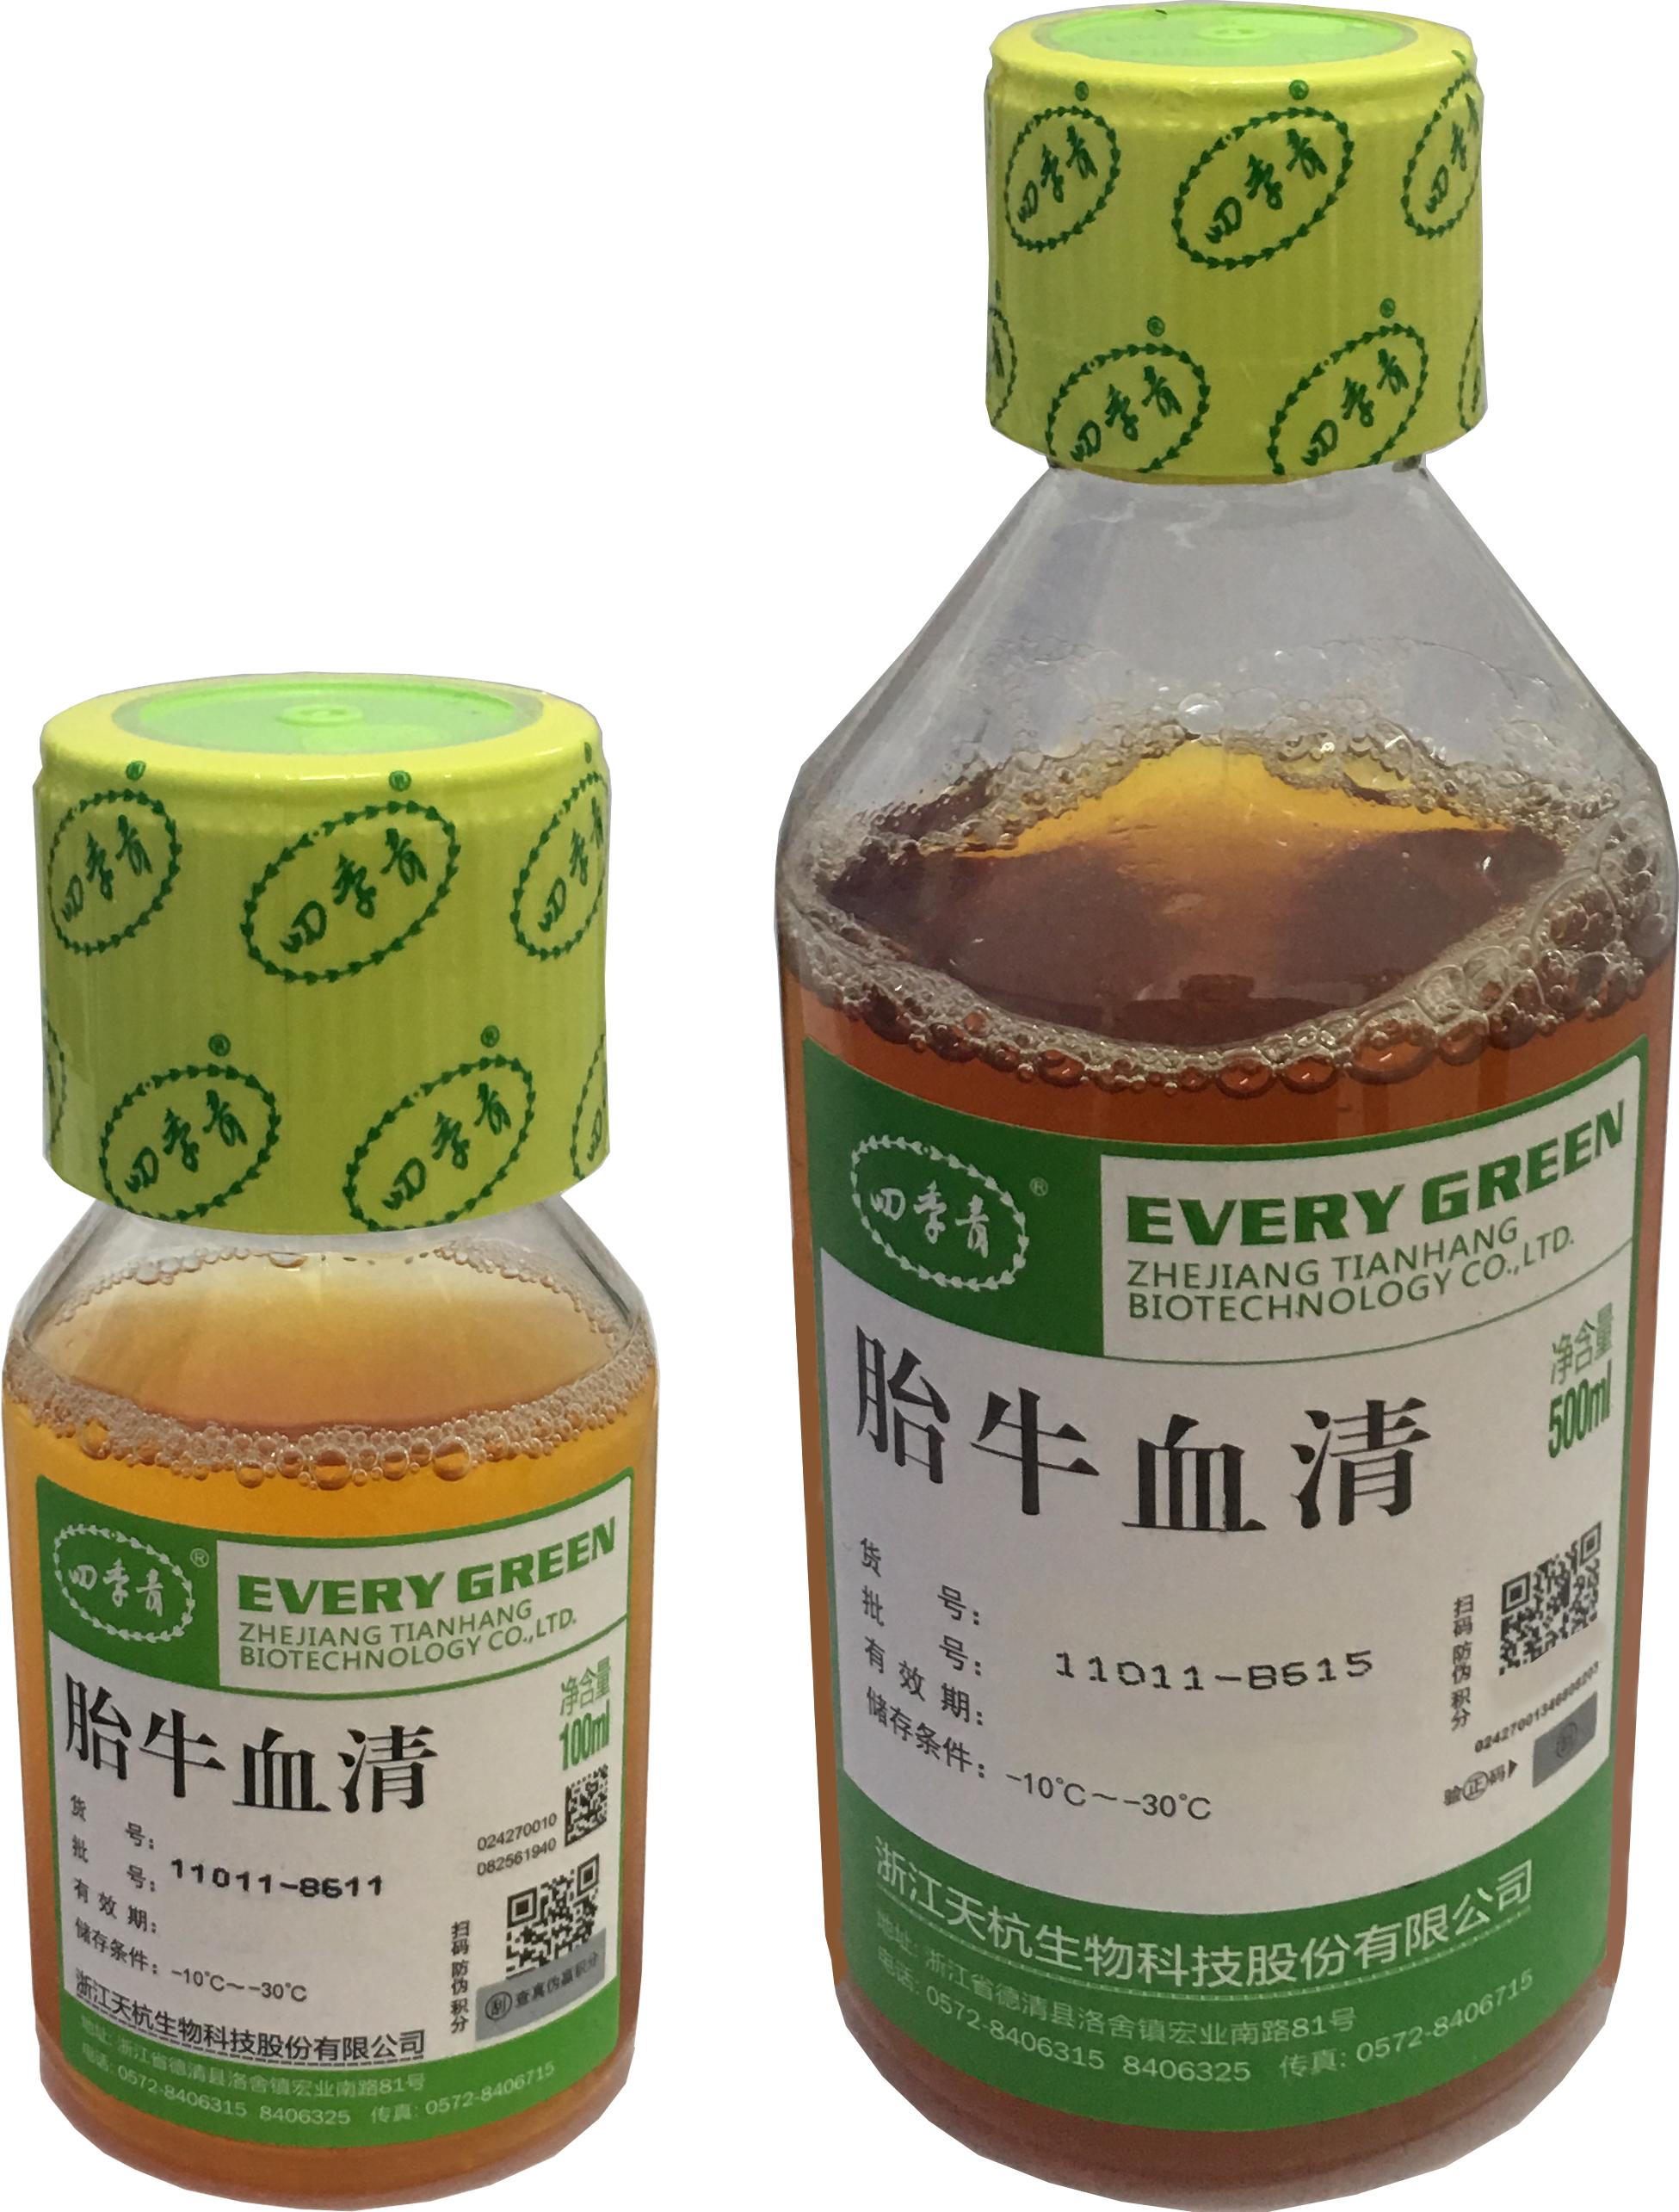 优级胎牛血清(无噬菌体,内毒素含量极低)